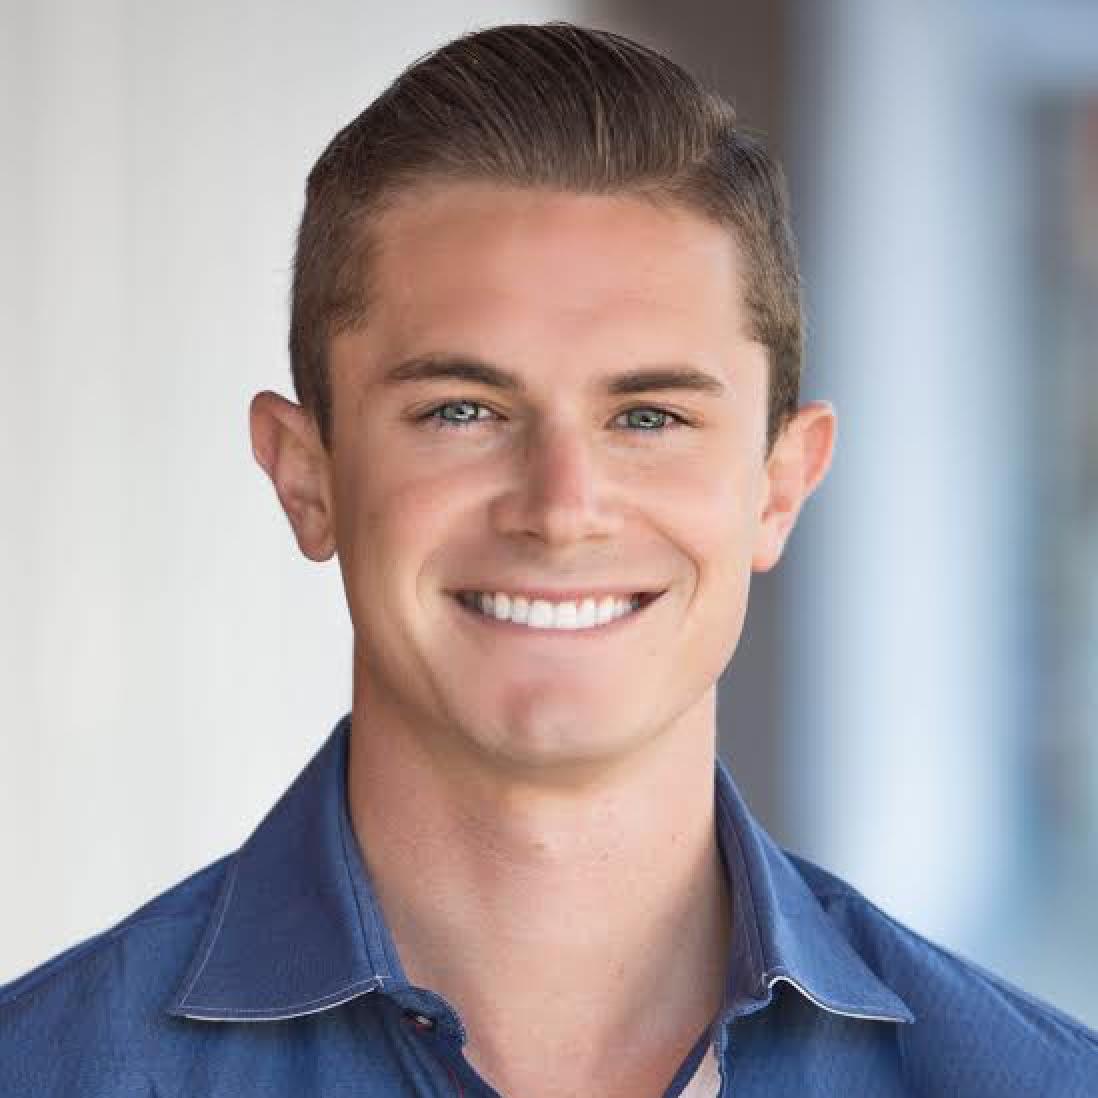 Nick Feeney